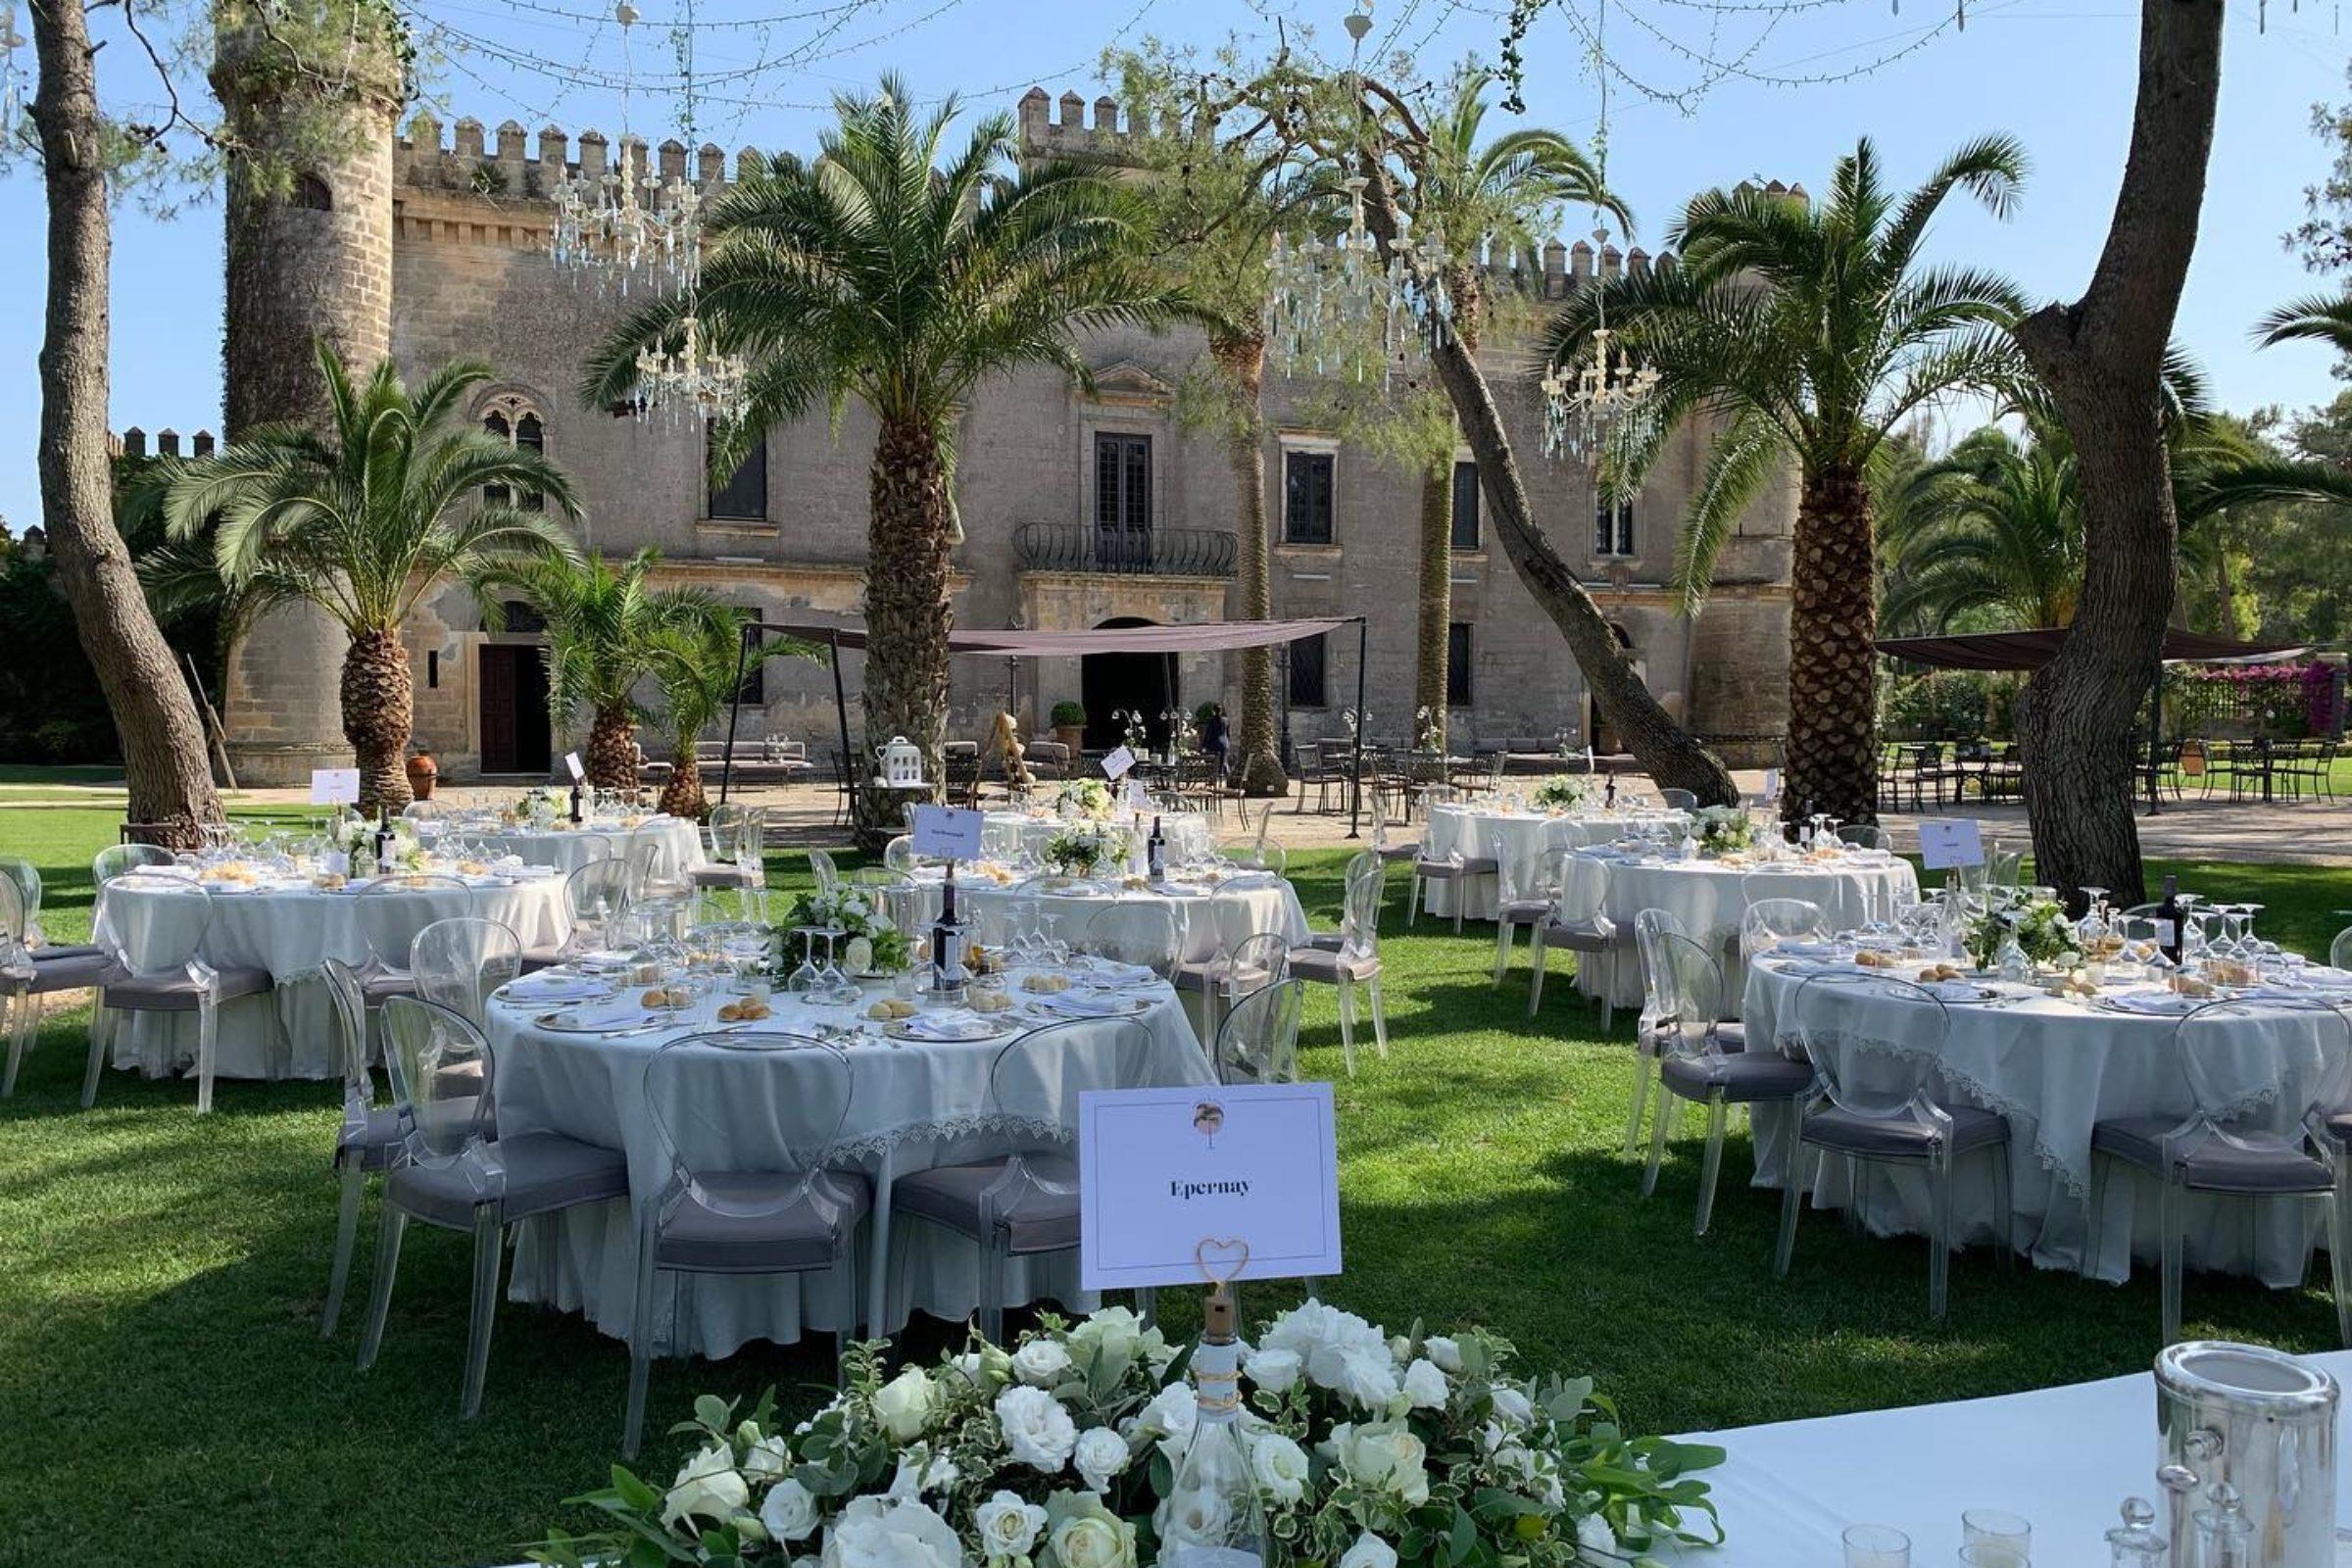 Castello monaci matrimonio wedding puglia lecce 67527751 2422046654557250 7769175859381927936 o 2400x1600